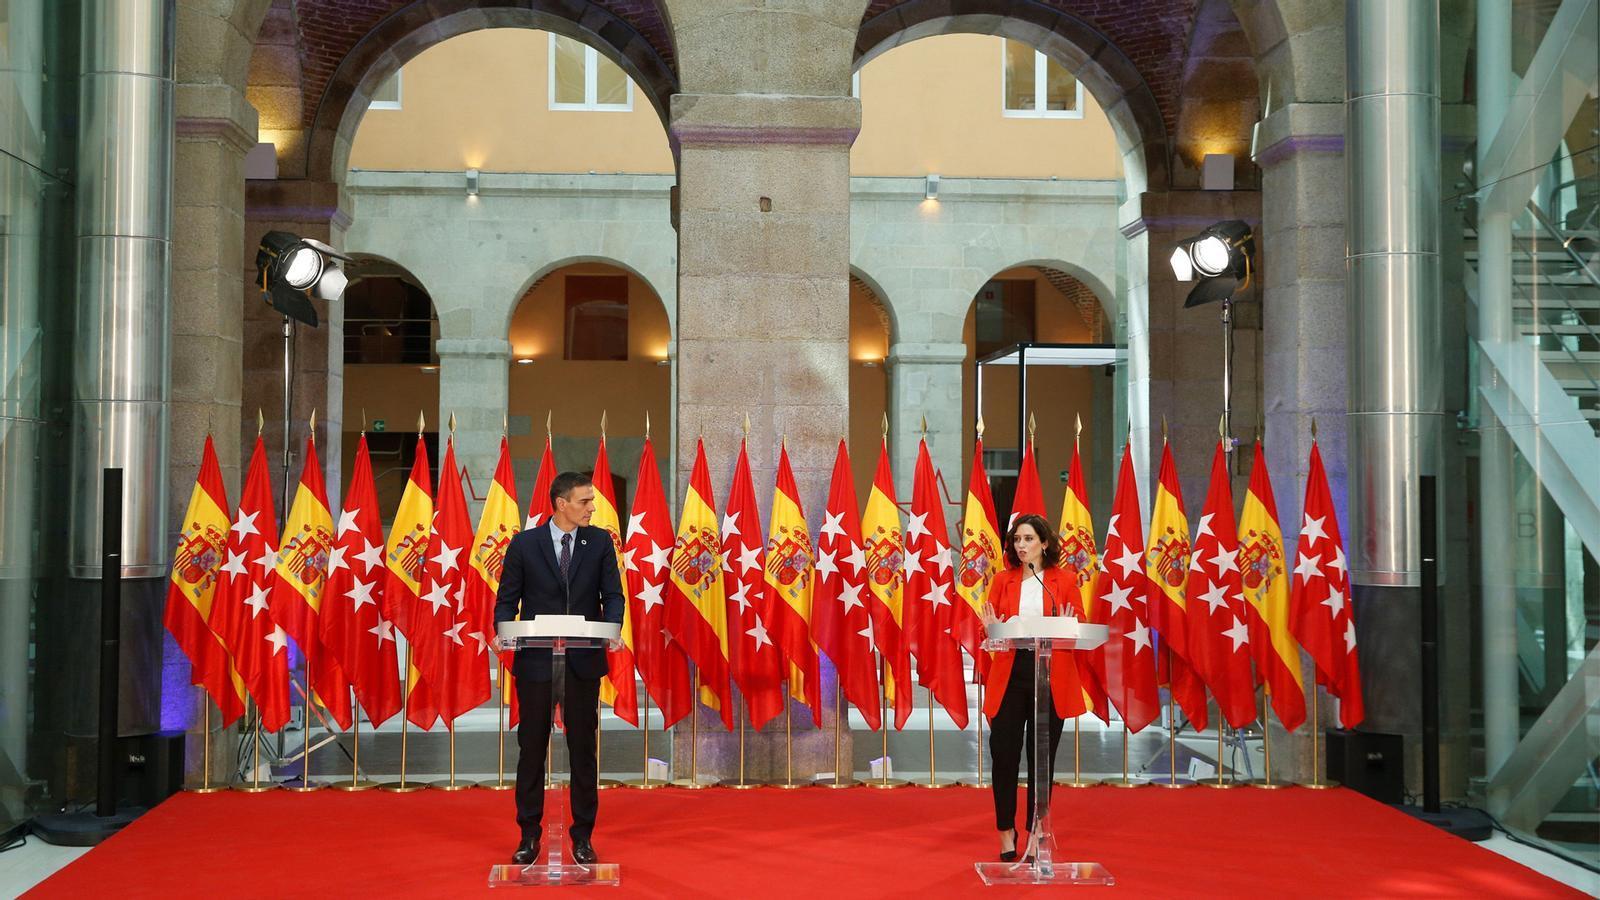 L'anàlisi d'Antoni Bassas: 'Què espera l'Estat per fer complir la llei a Madrid?'